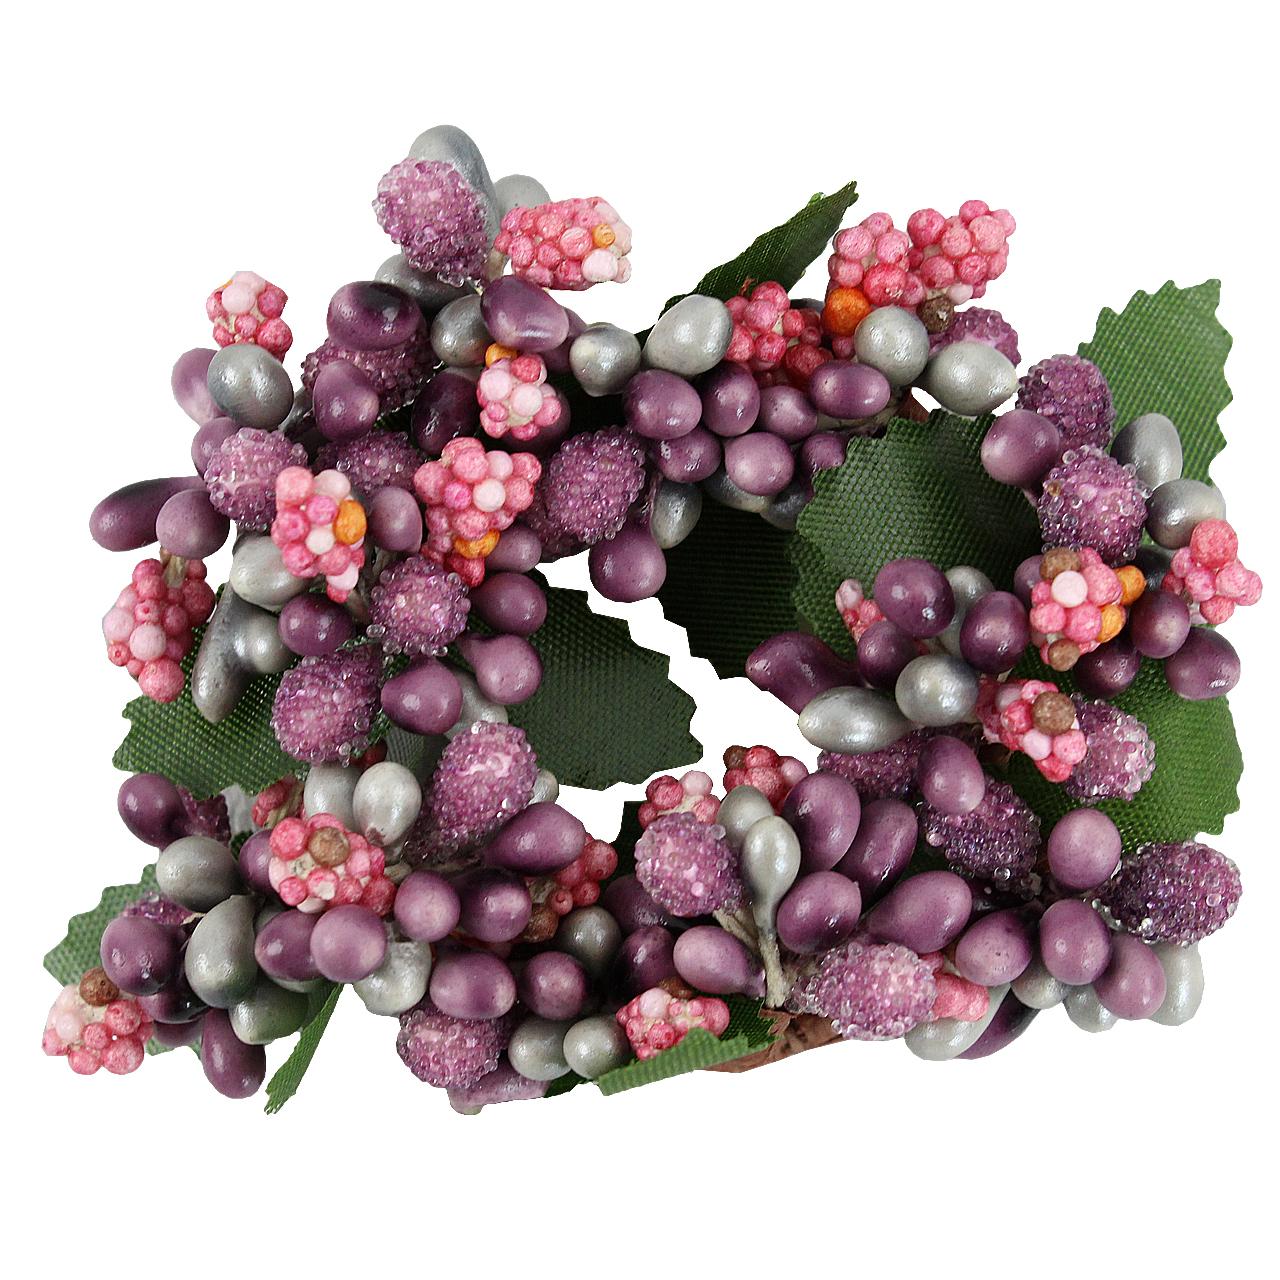 Coronita Cu Boabe Roz Pentru Lumanare 3 Cm